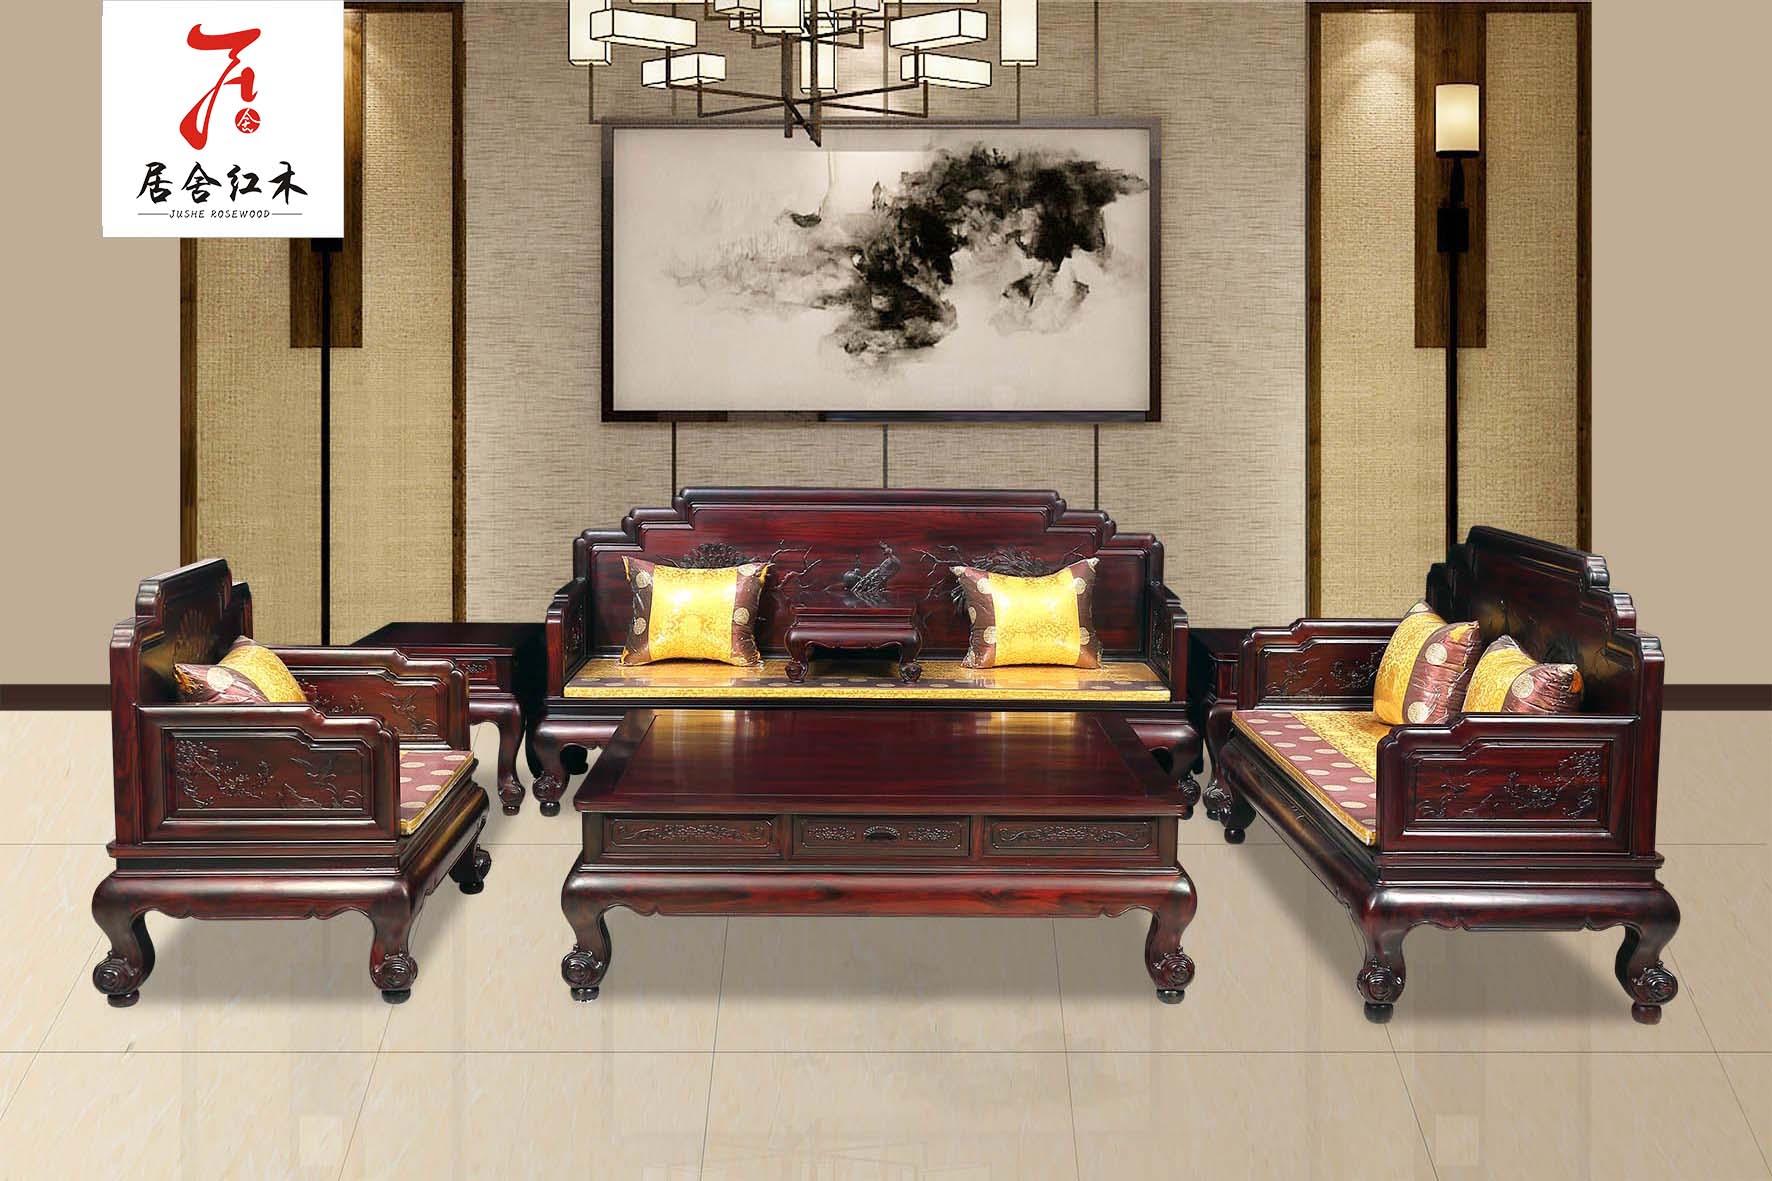 黑酸枝明韵沙发11件套 黑酸枝明韵沙发7件套 东阳红木家具厂